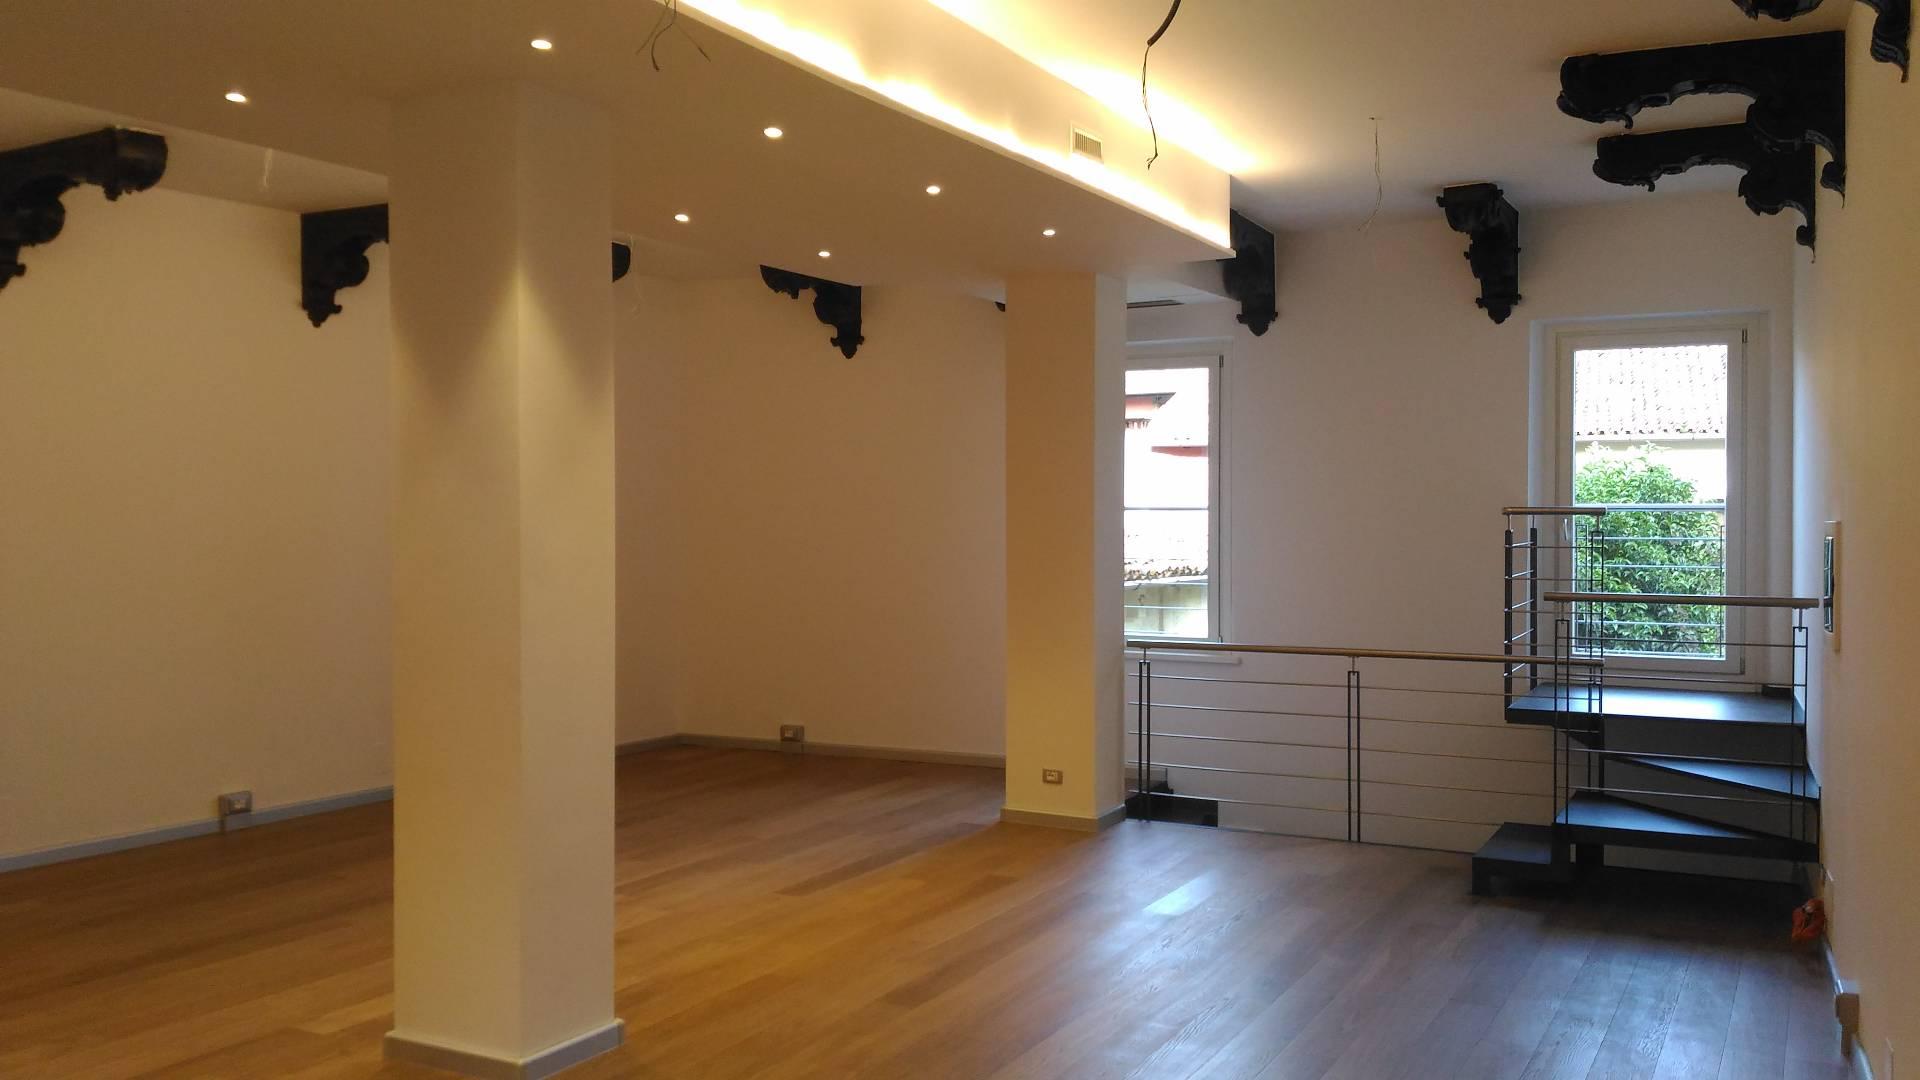 Ufficio / Studio in affitto a Cividale del Friuli, 9999 locali, prezzo € 650 | CambioCasa.it